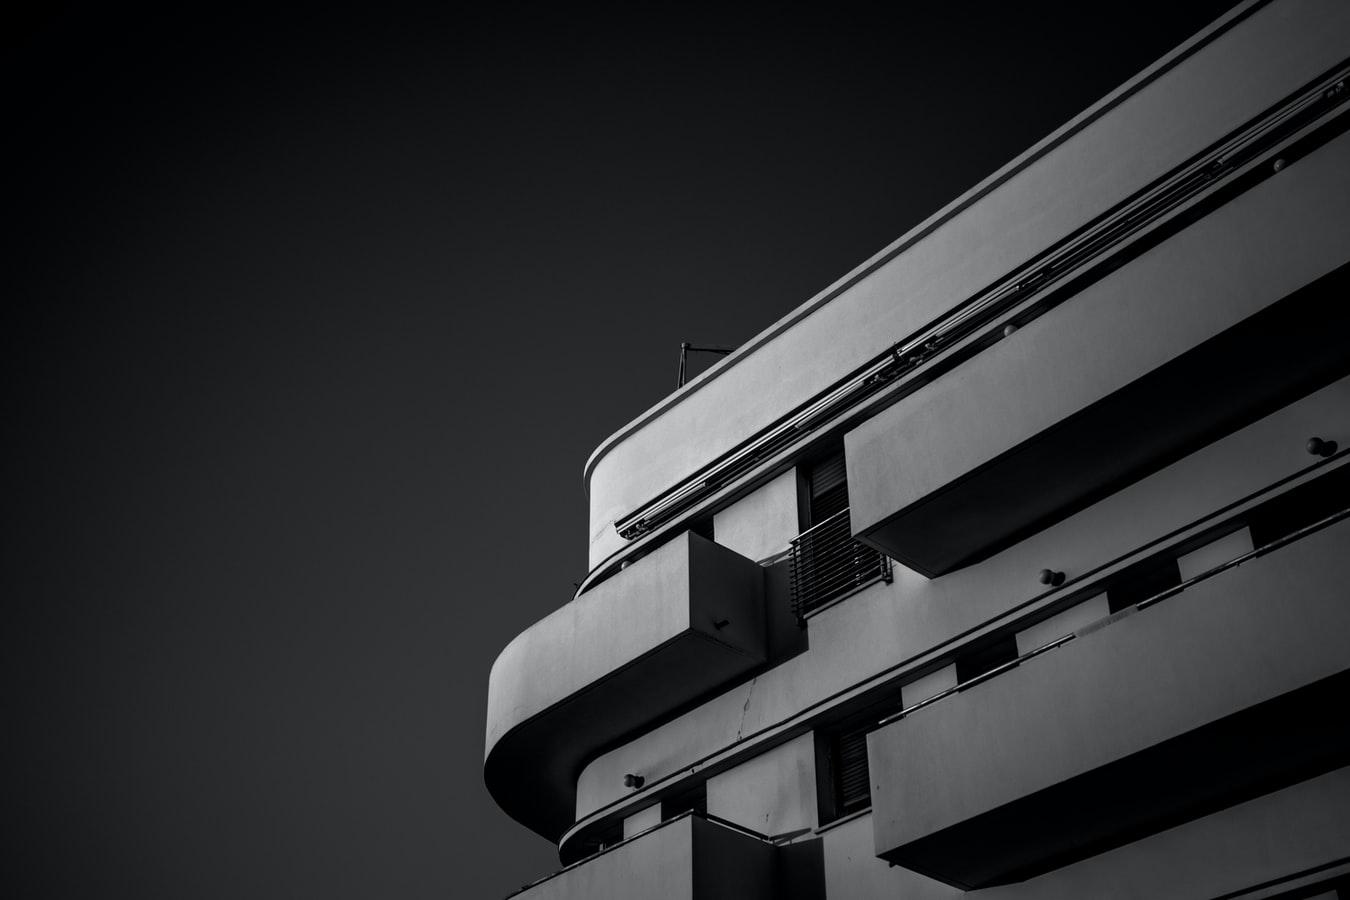 The Bauhaus effect